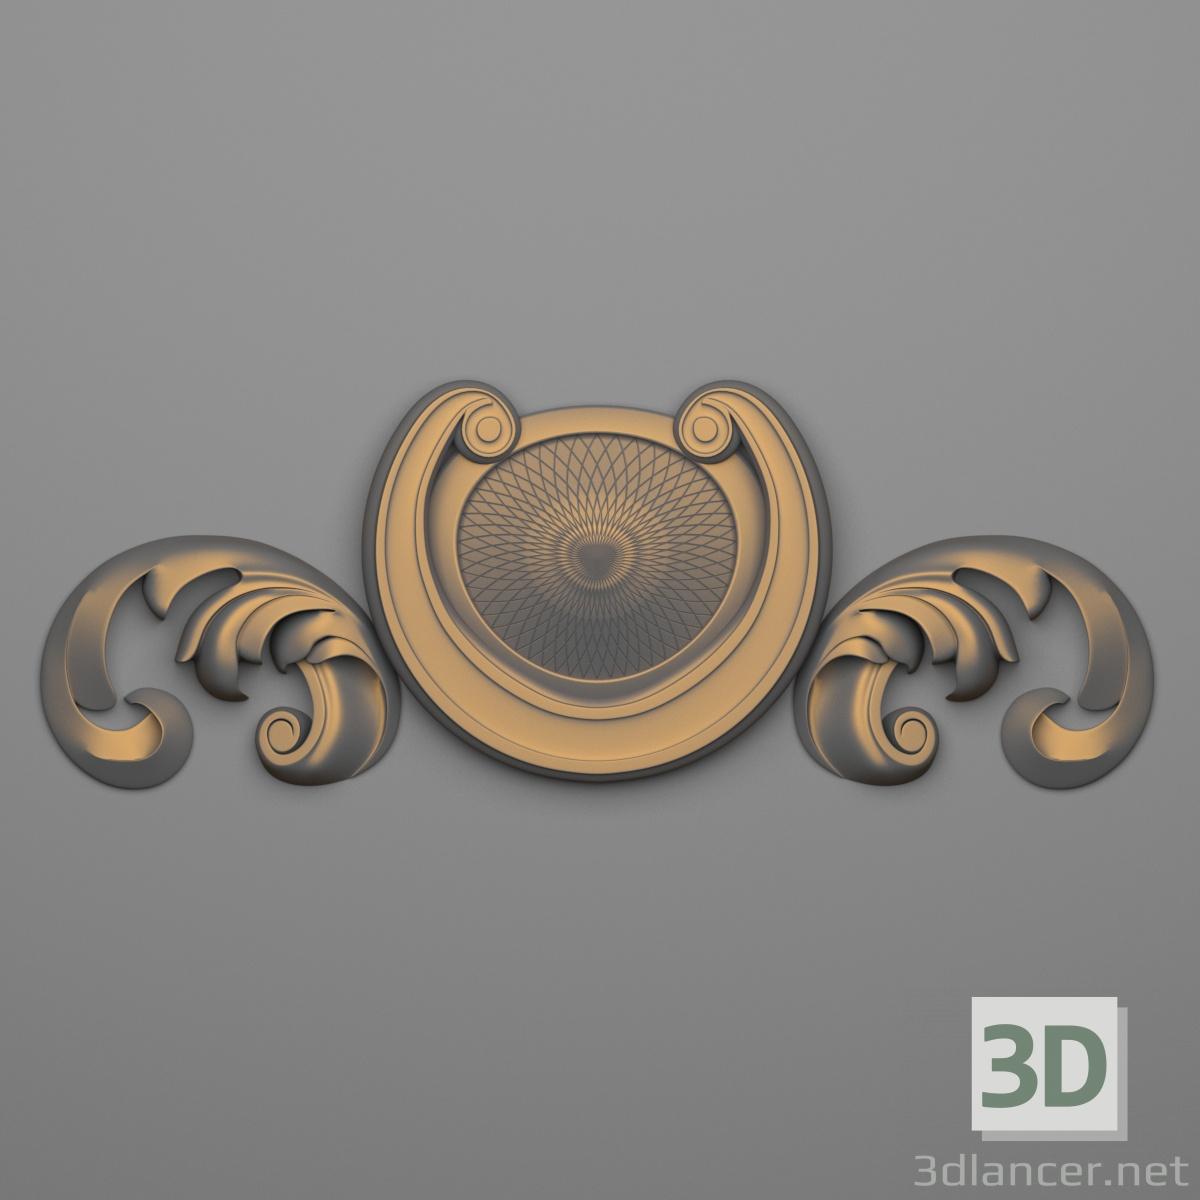 3d Decor 59 model buy - render